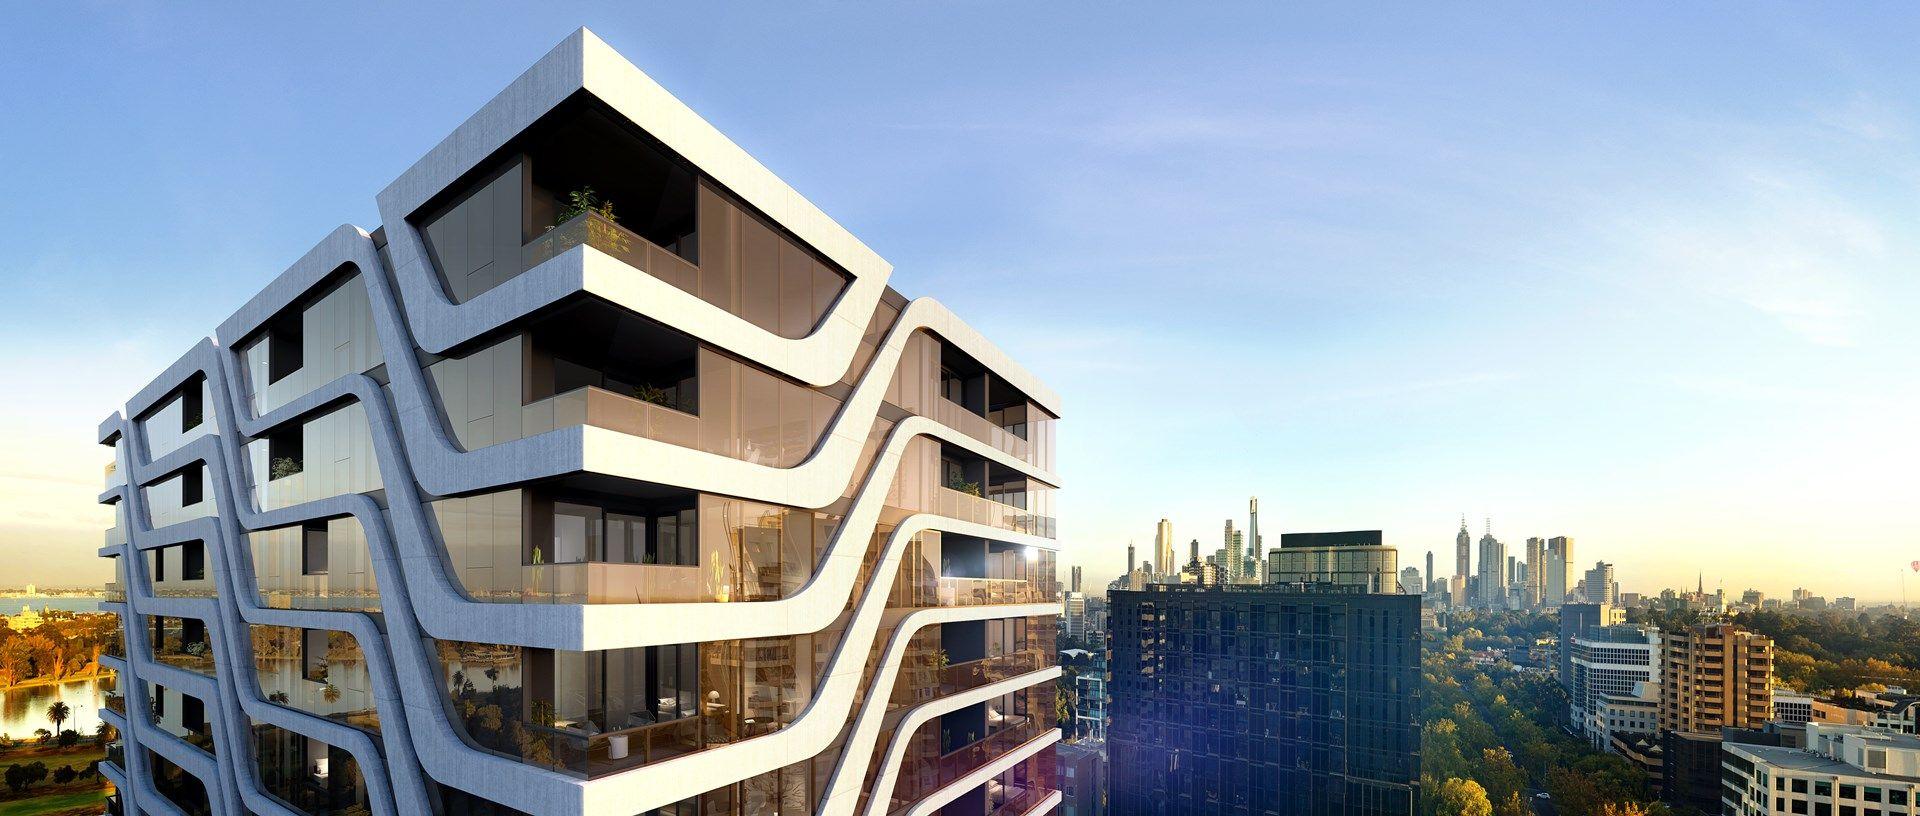 1504/478 St Kilda Road, Melbourne 3004 VIC 3004, Image 0